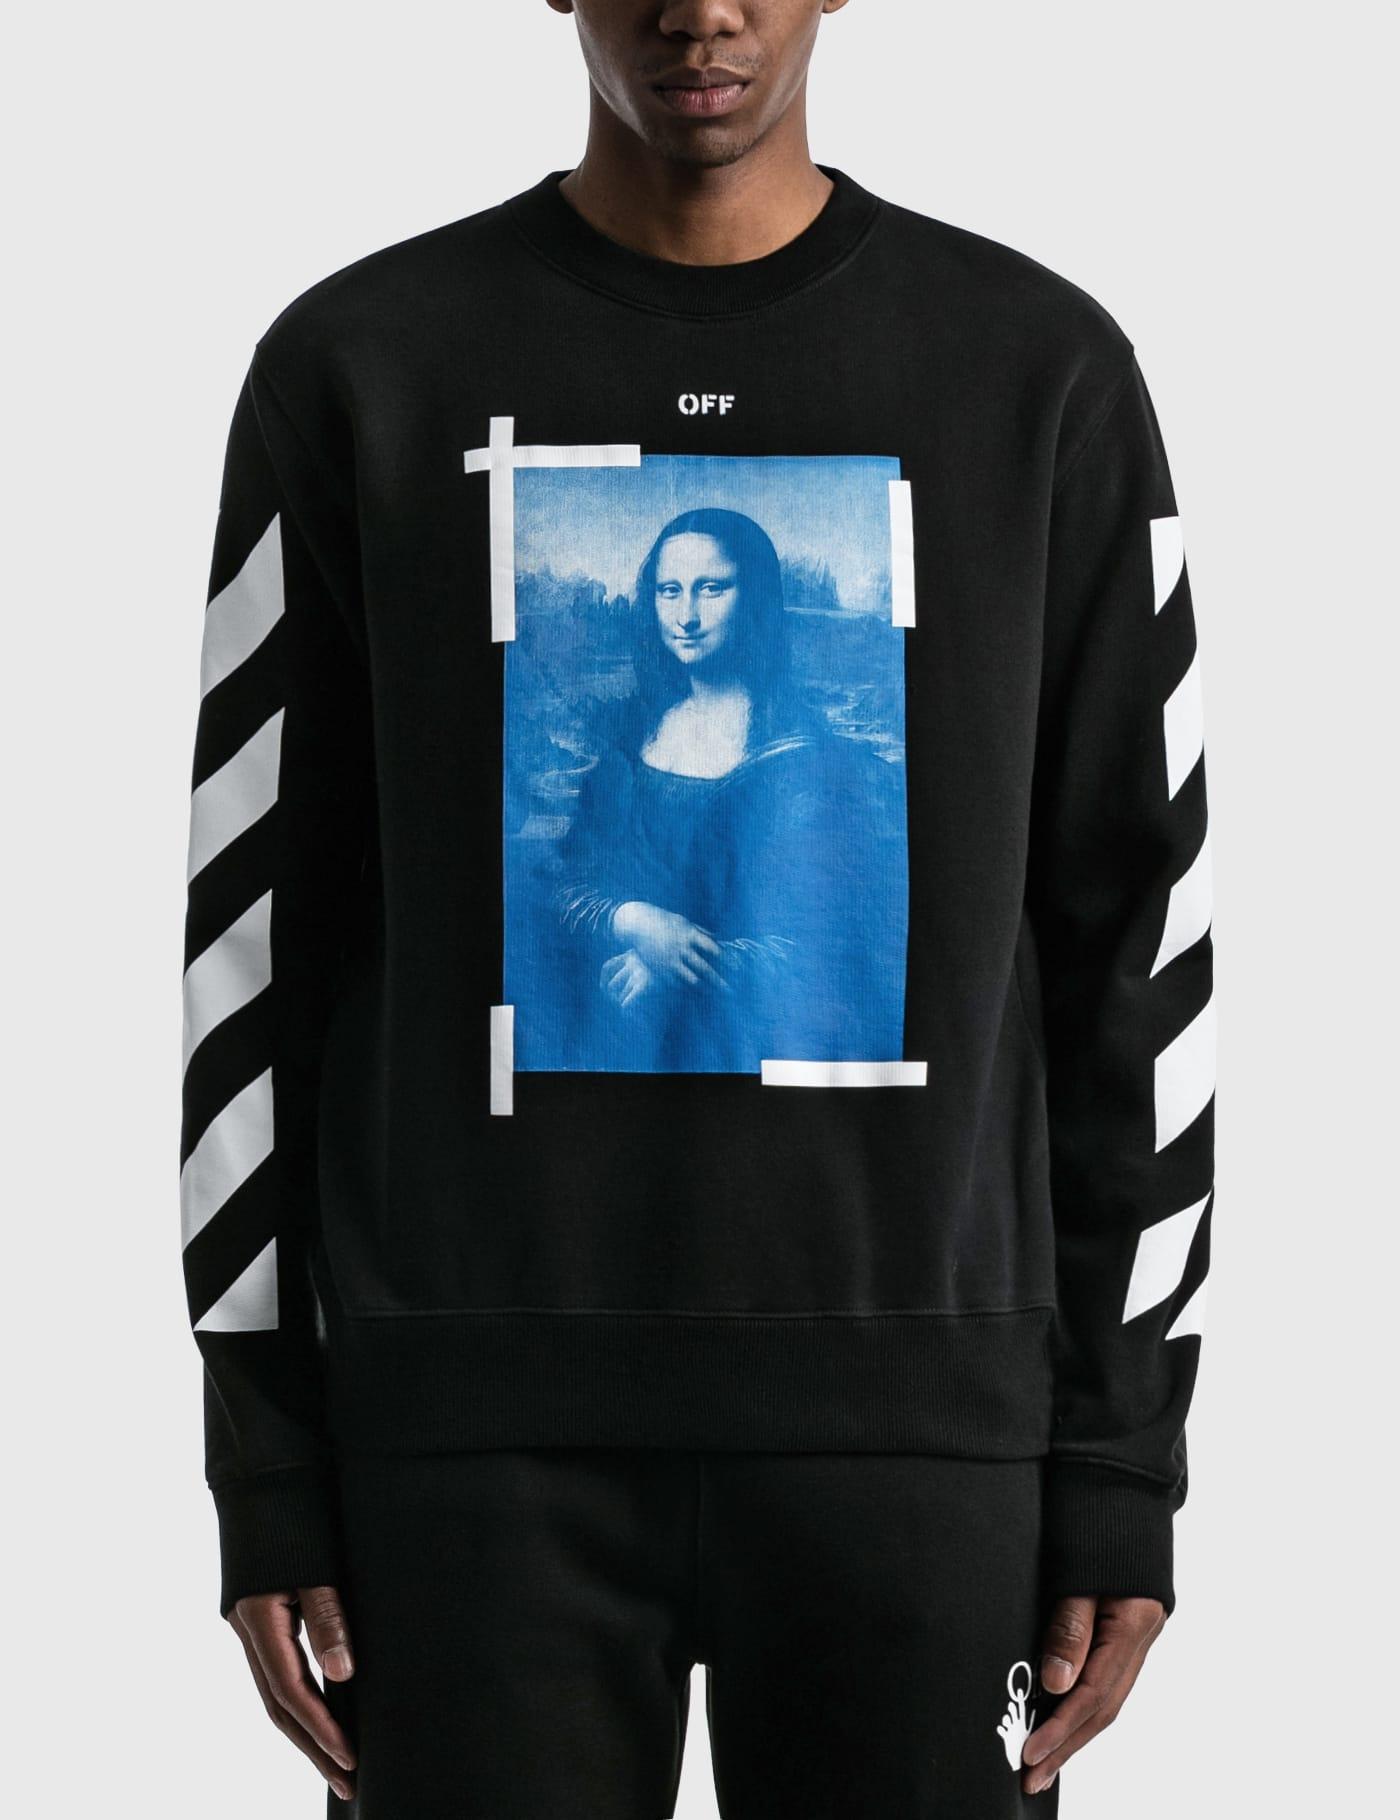 Mona Lisa Slim Crewneck Sweatshirt